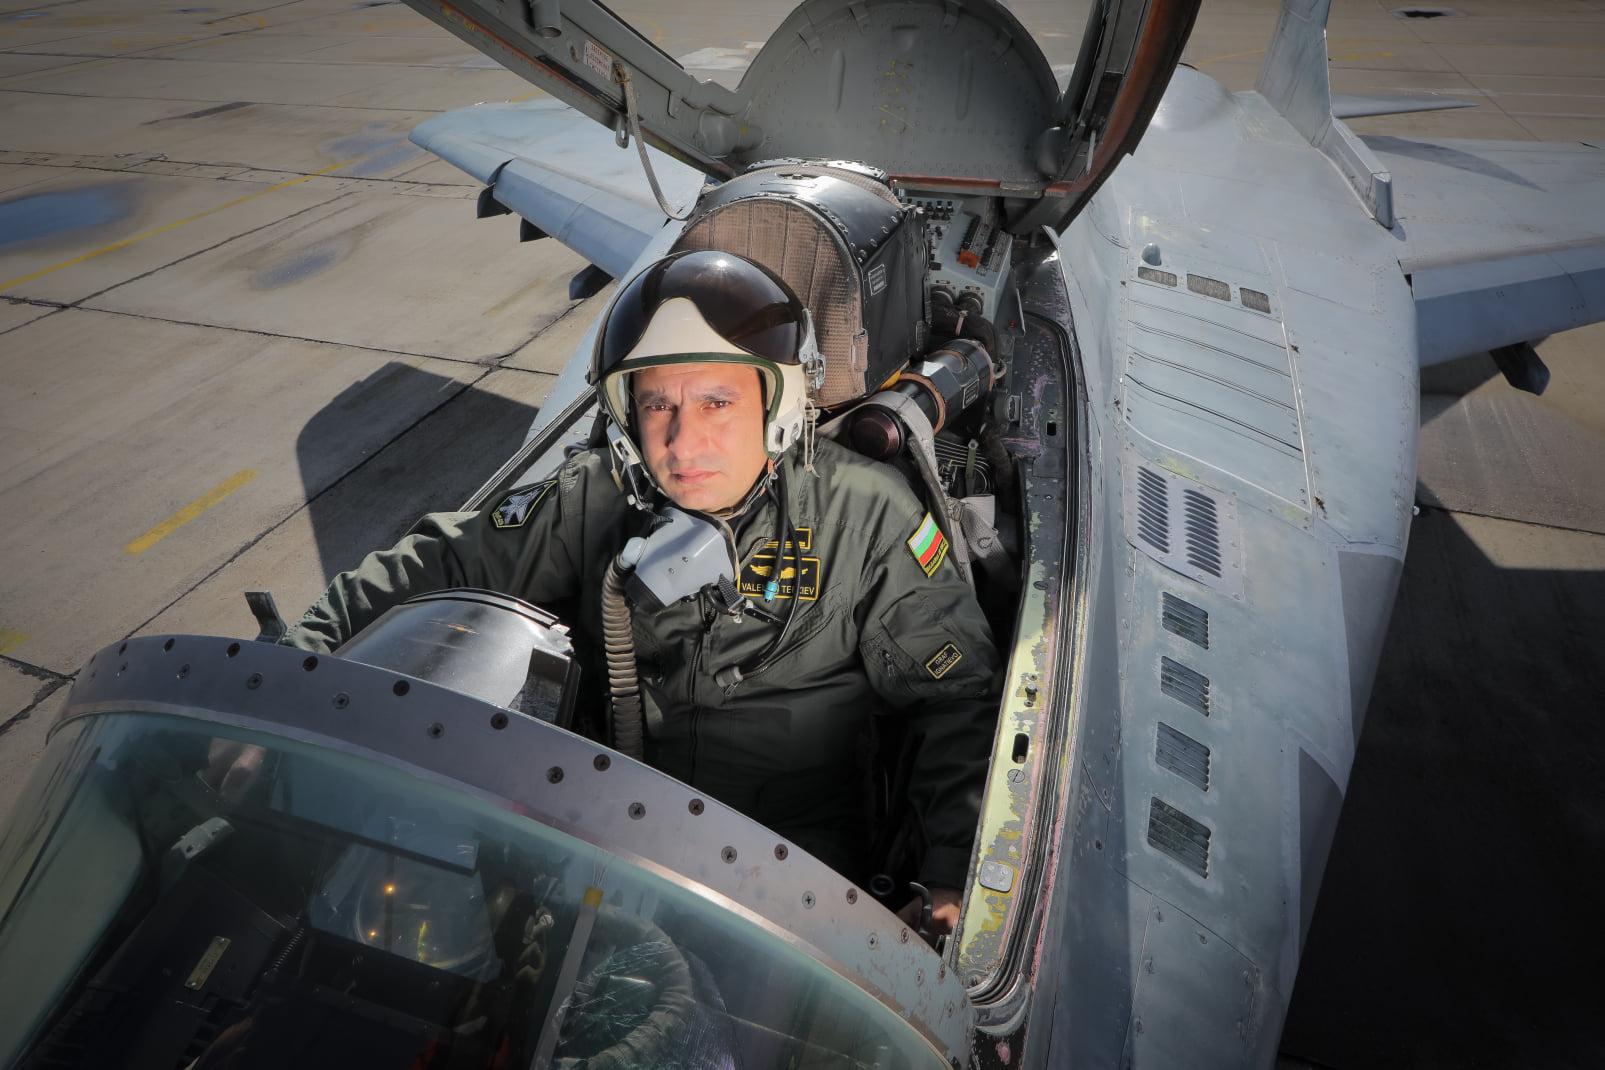 """Колега на загиналия пилот към политиците: """"Вие сте безлични, алчни и безотговорни хора, оперирани от съвест и чест!""""."""